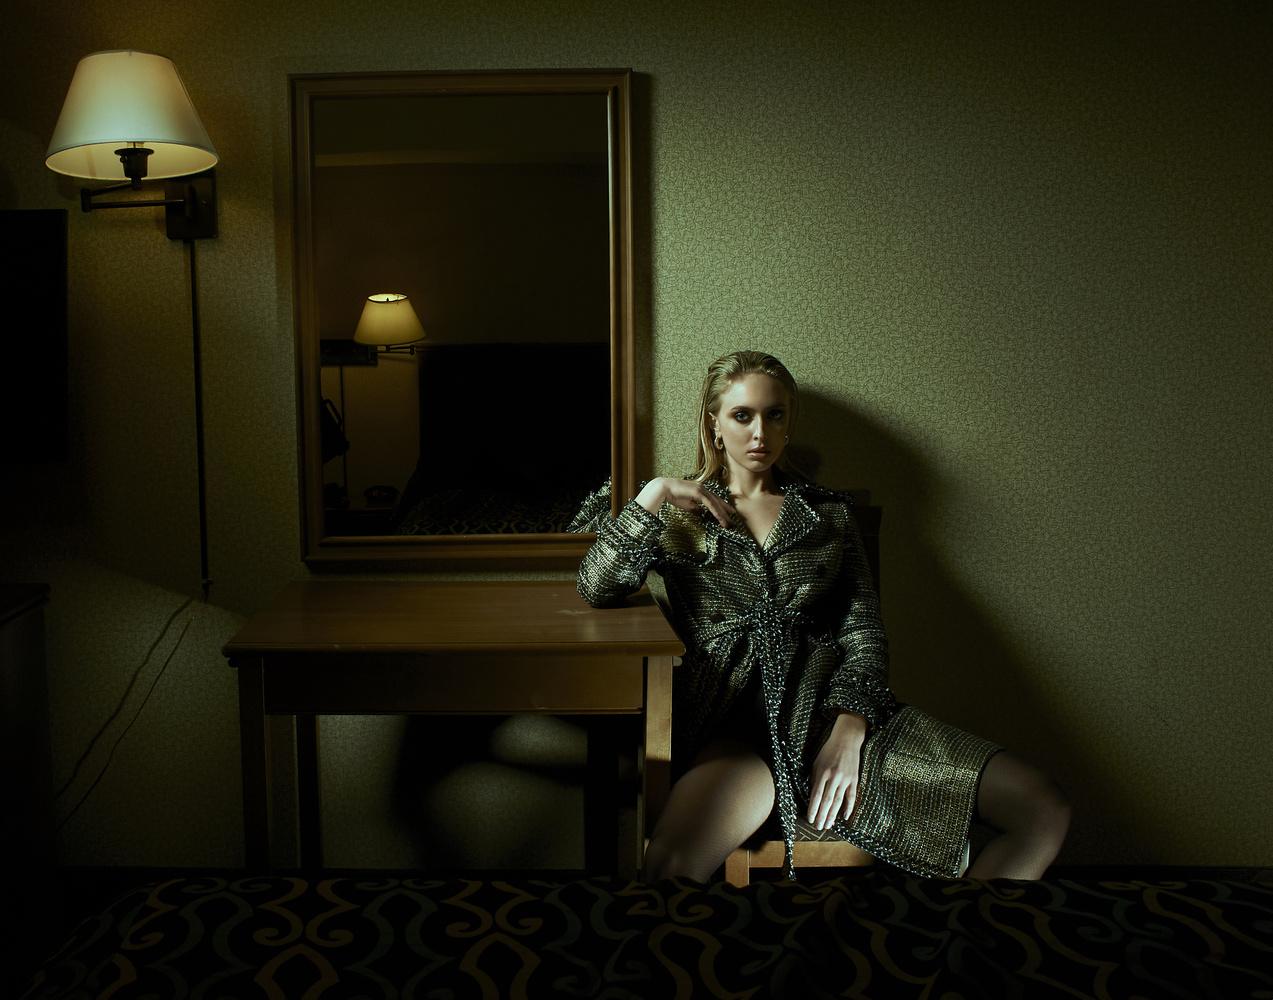 Oksana by David Hynes